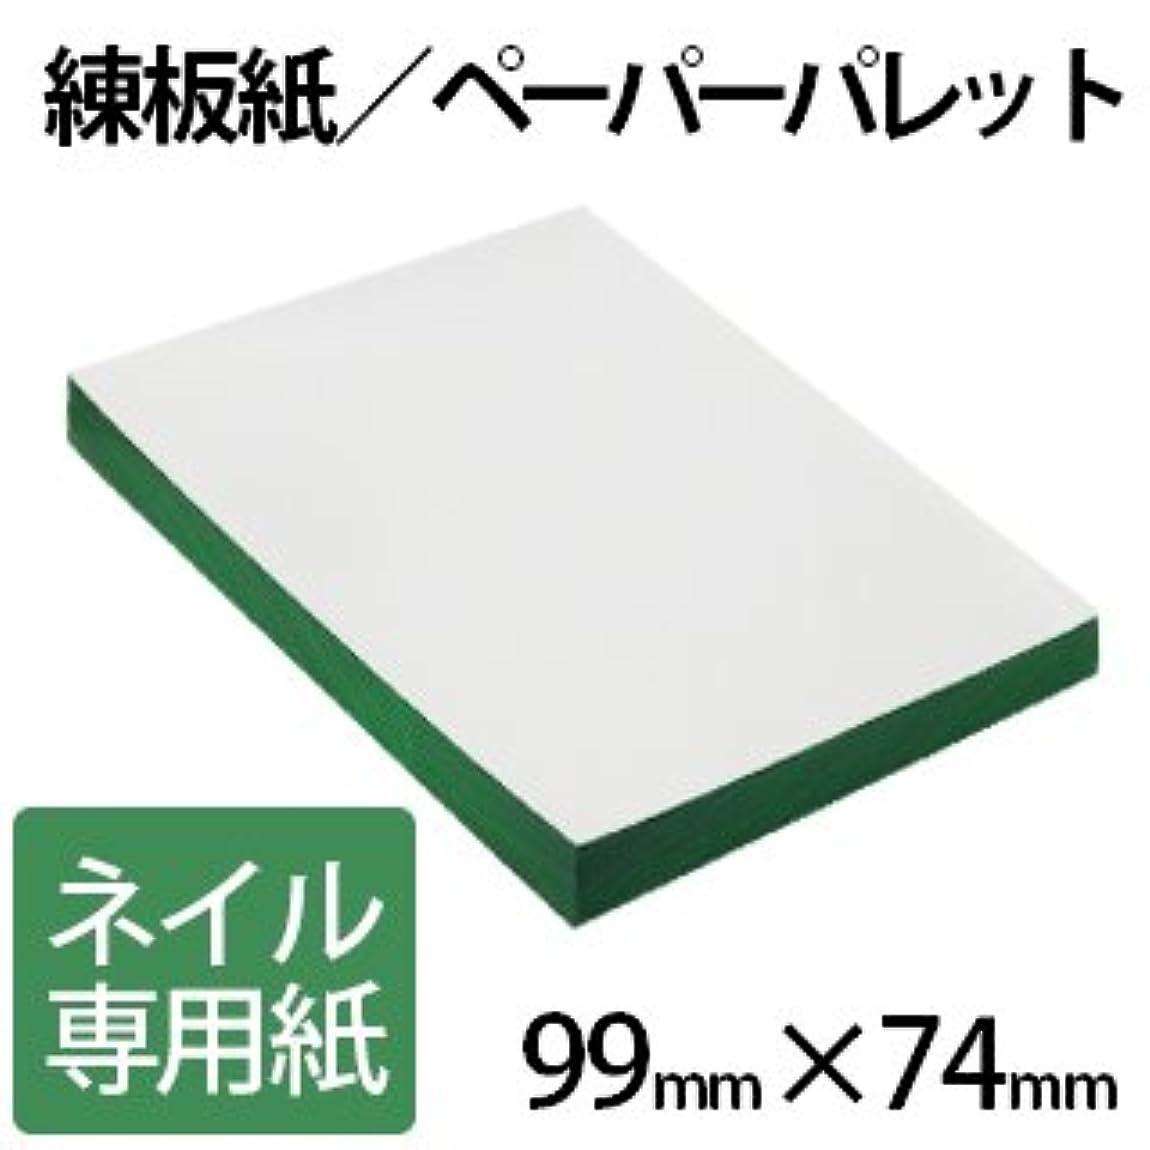 信じる似ている聴覚ネイル用 練板紙 ペーパーパレット 使い捨て 練和紙